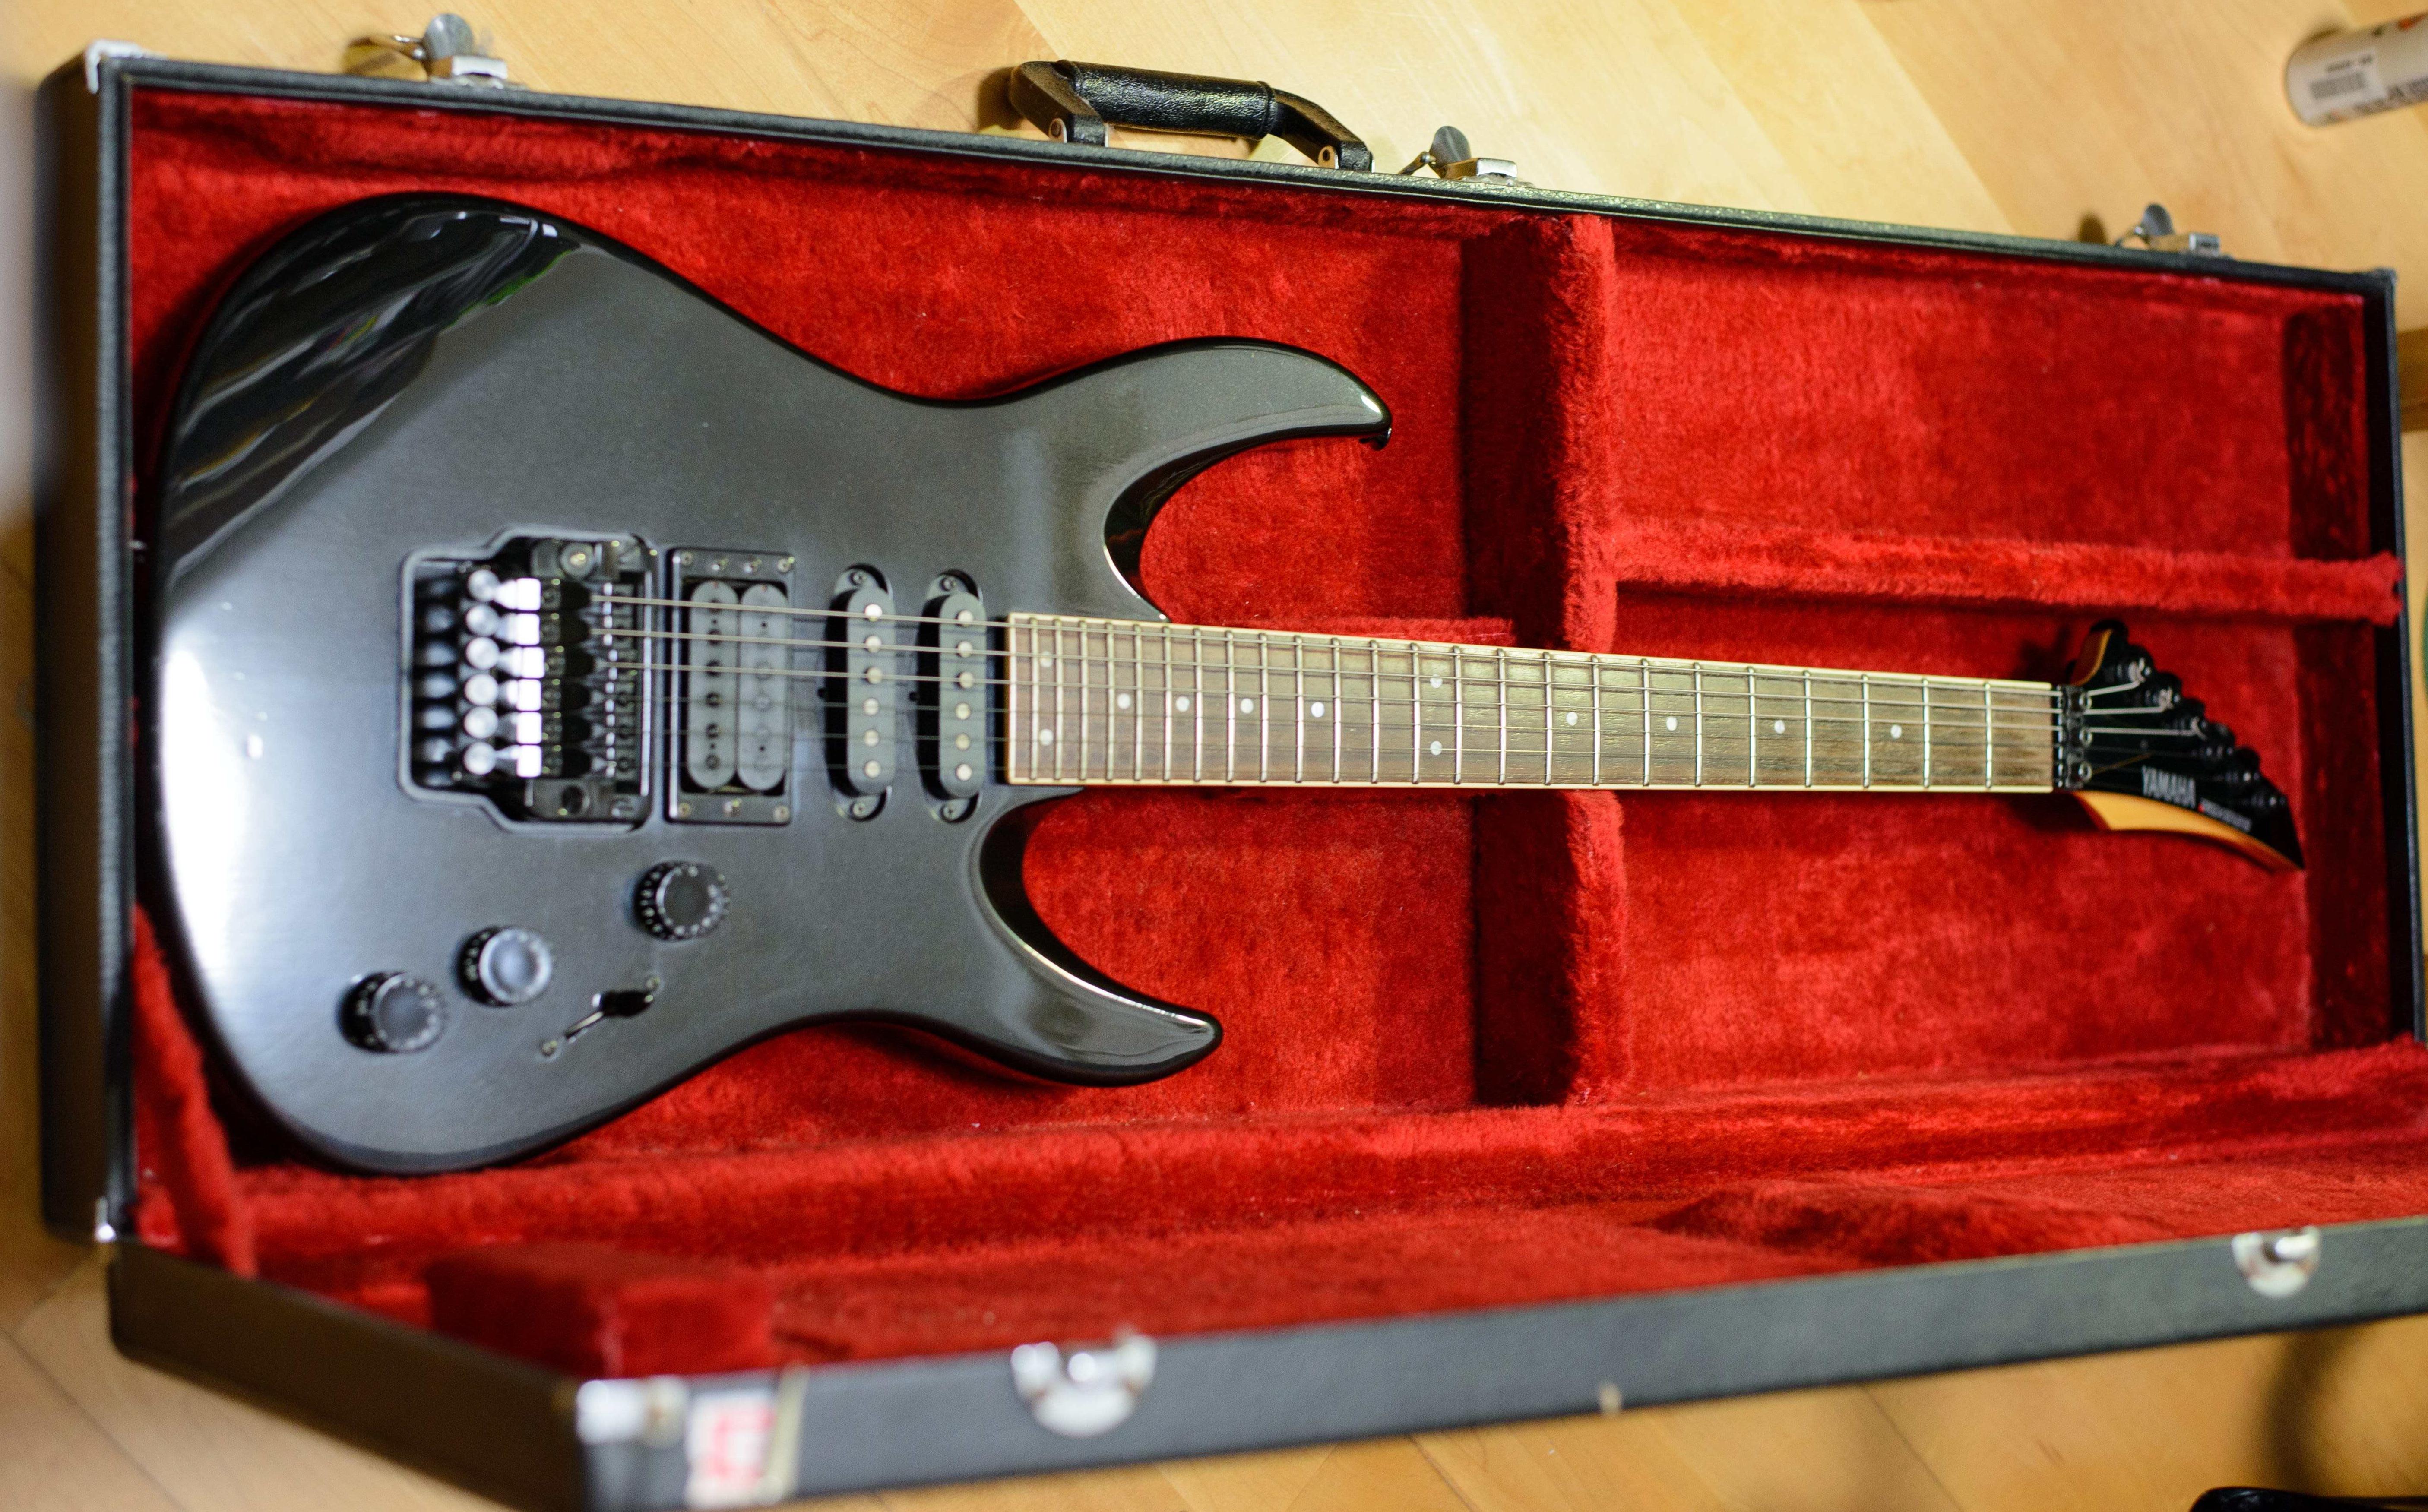 Yamaha RGX612S Electric Guitar with original case